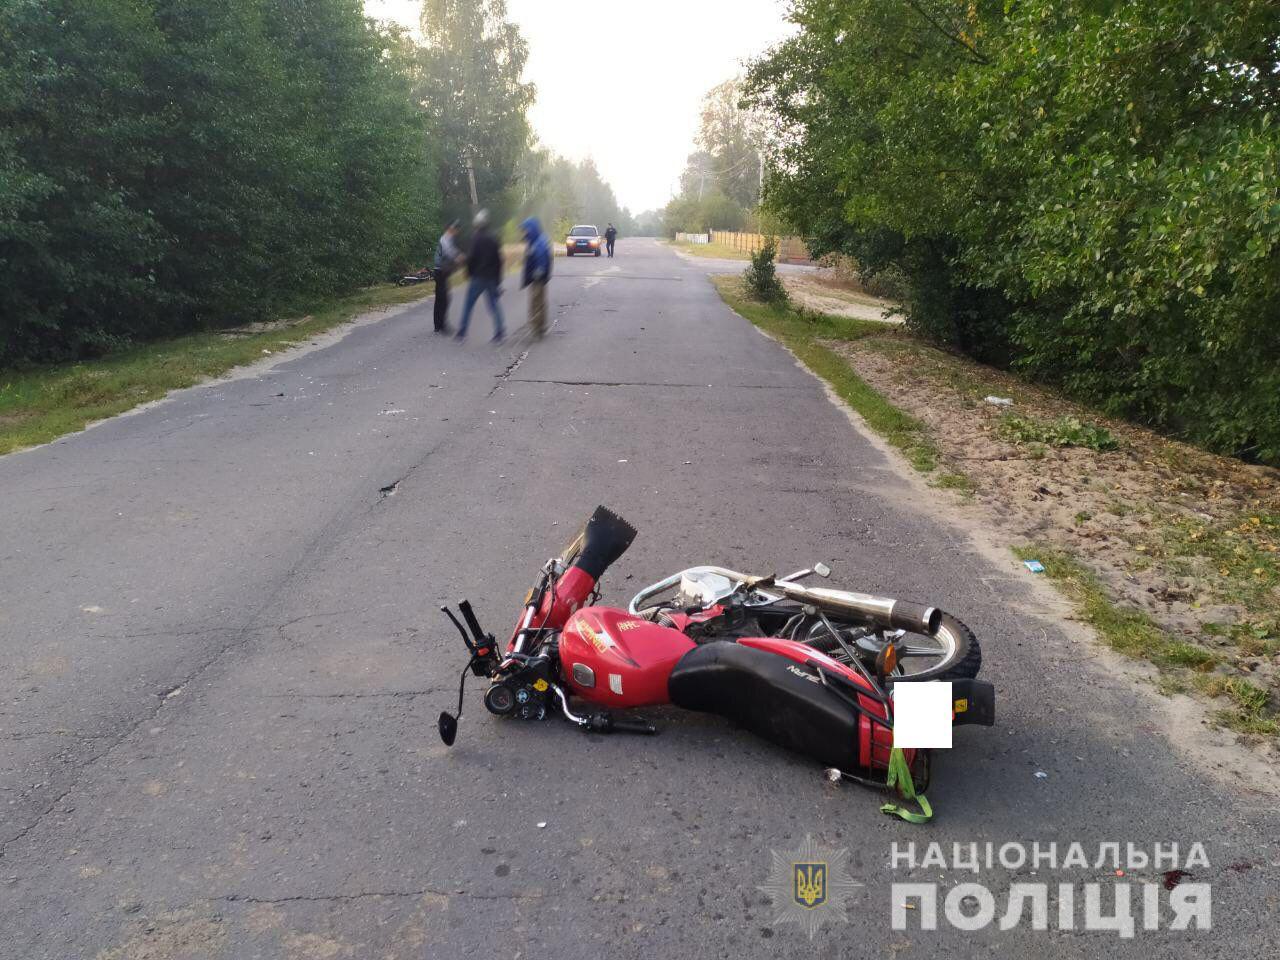 Троє рівненських мотоциклістів потрапили у ДТП